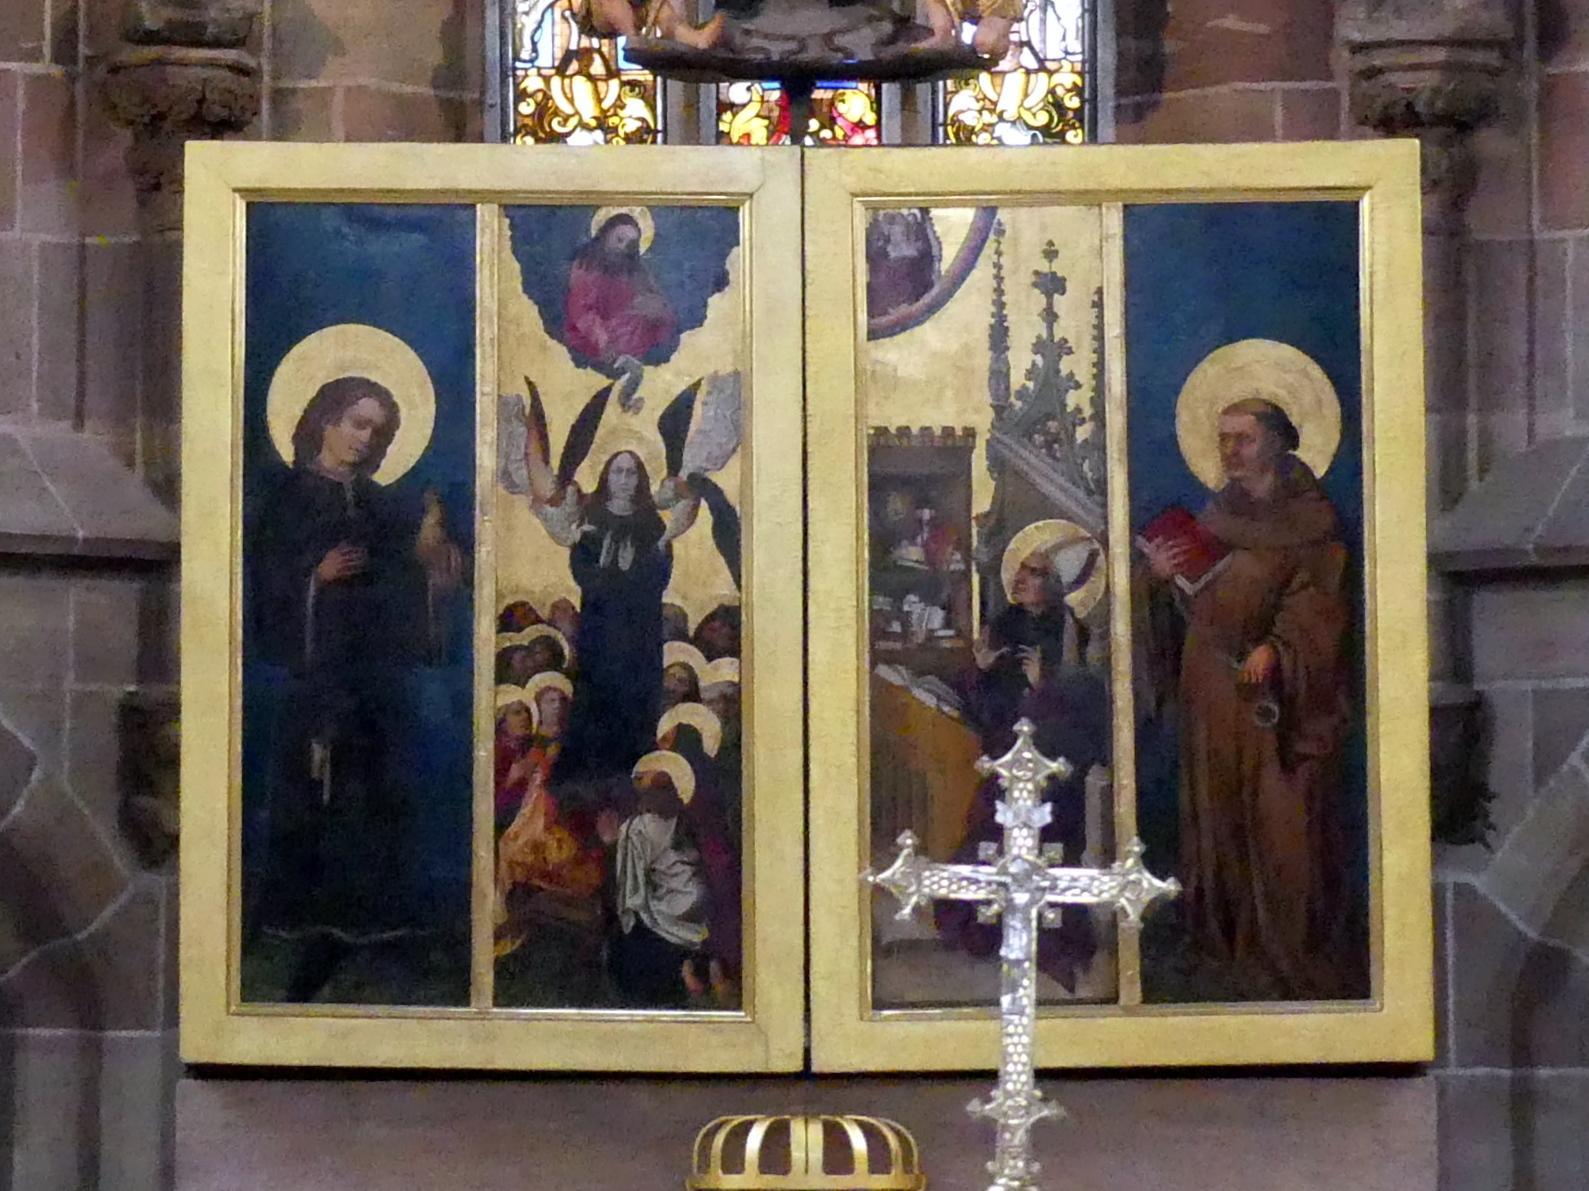 Meister des Tucheraltars: Tucher-Altar, um 1445 - 1450